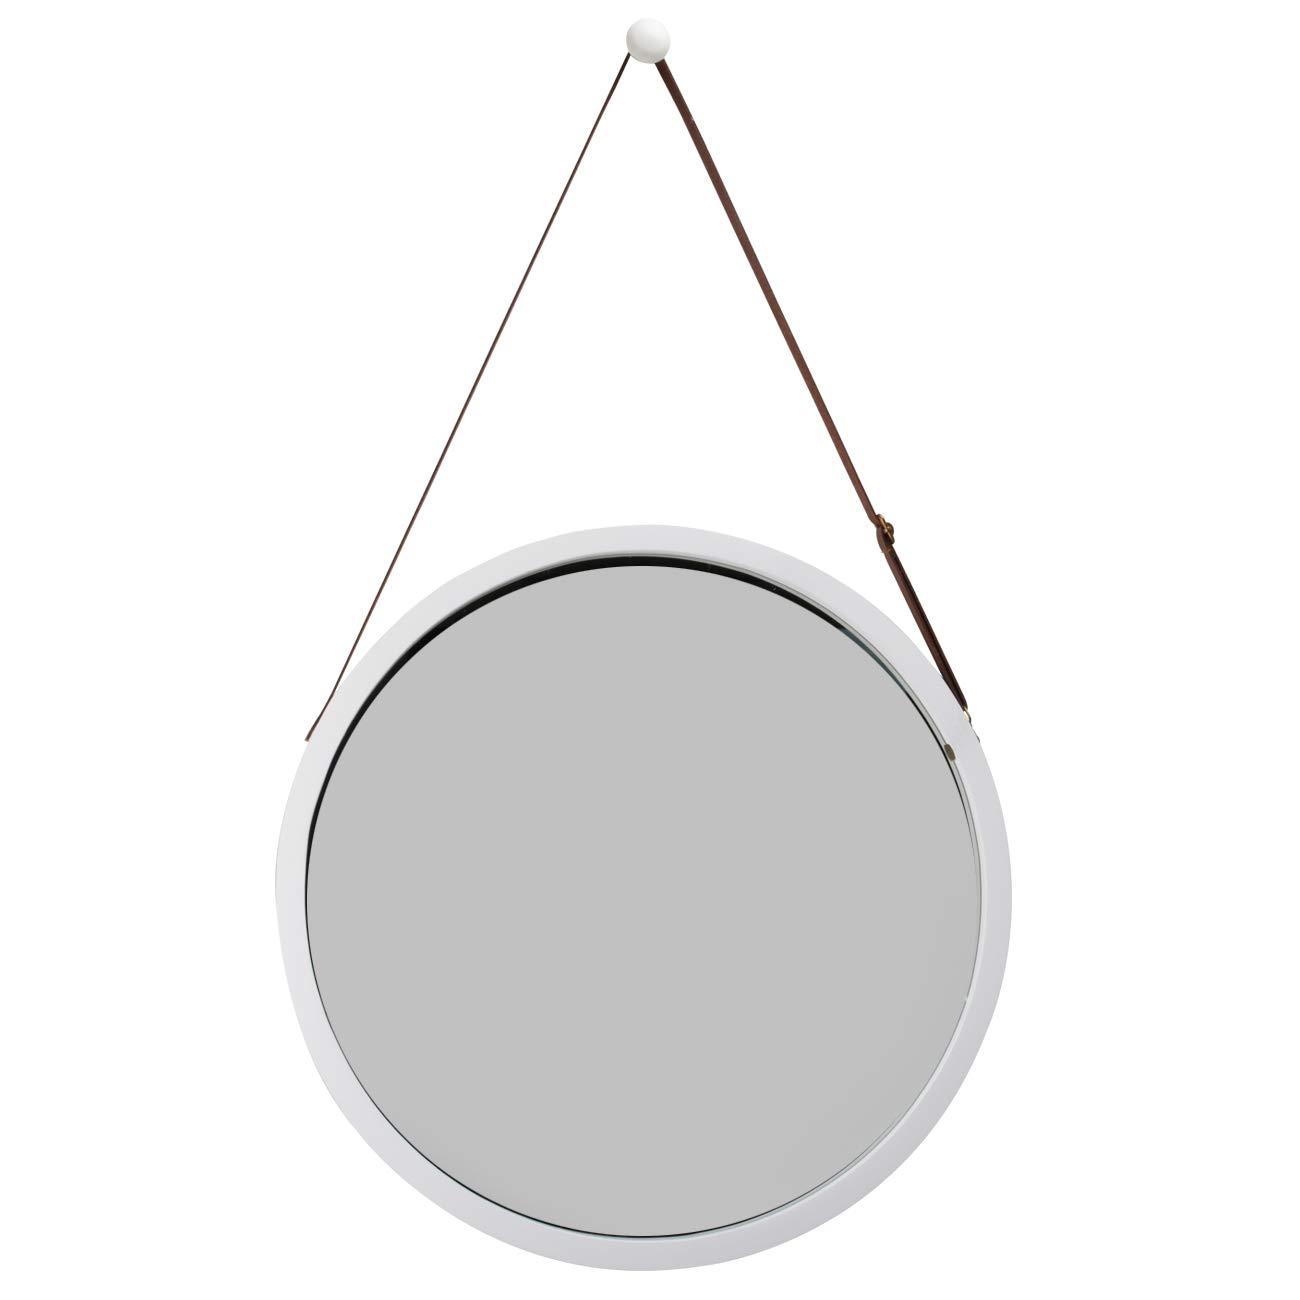 Specchio da Parete Rotondo per corridoio Bianco 38 cm ZRI Bamboo con Cintura in Pelle Regolabile 38 cm